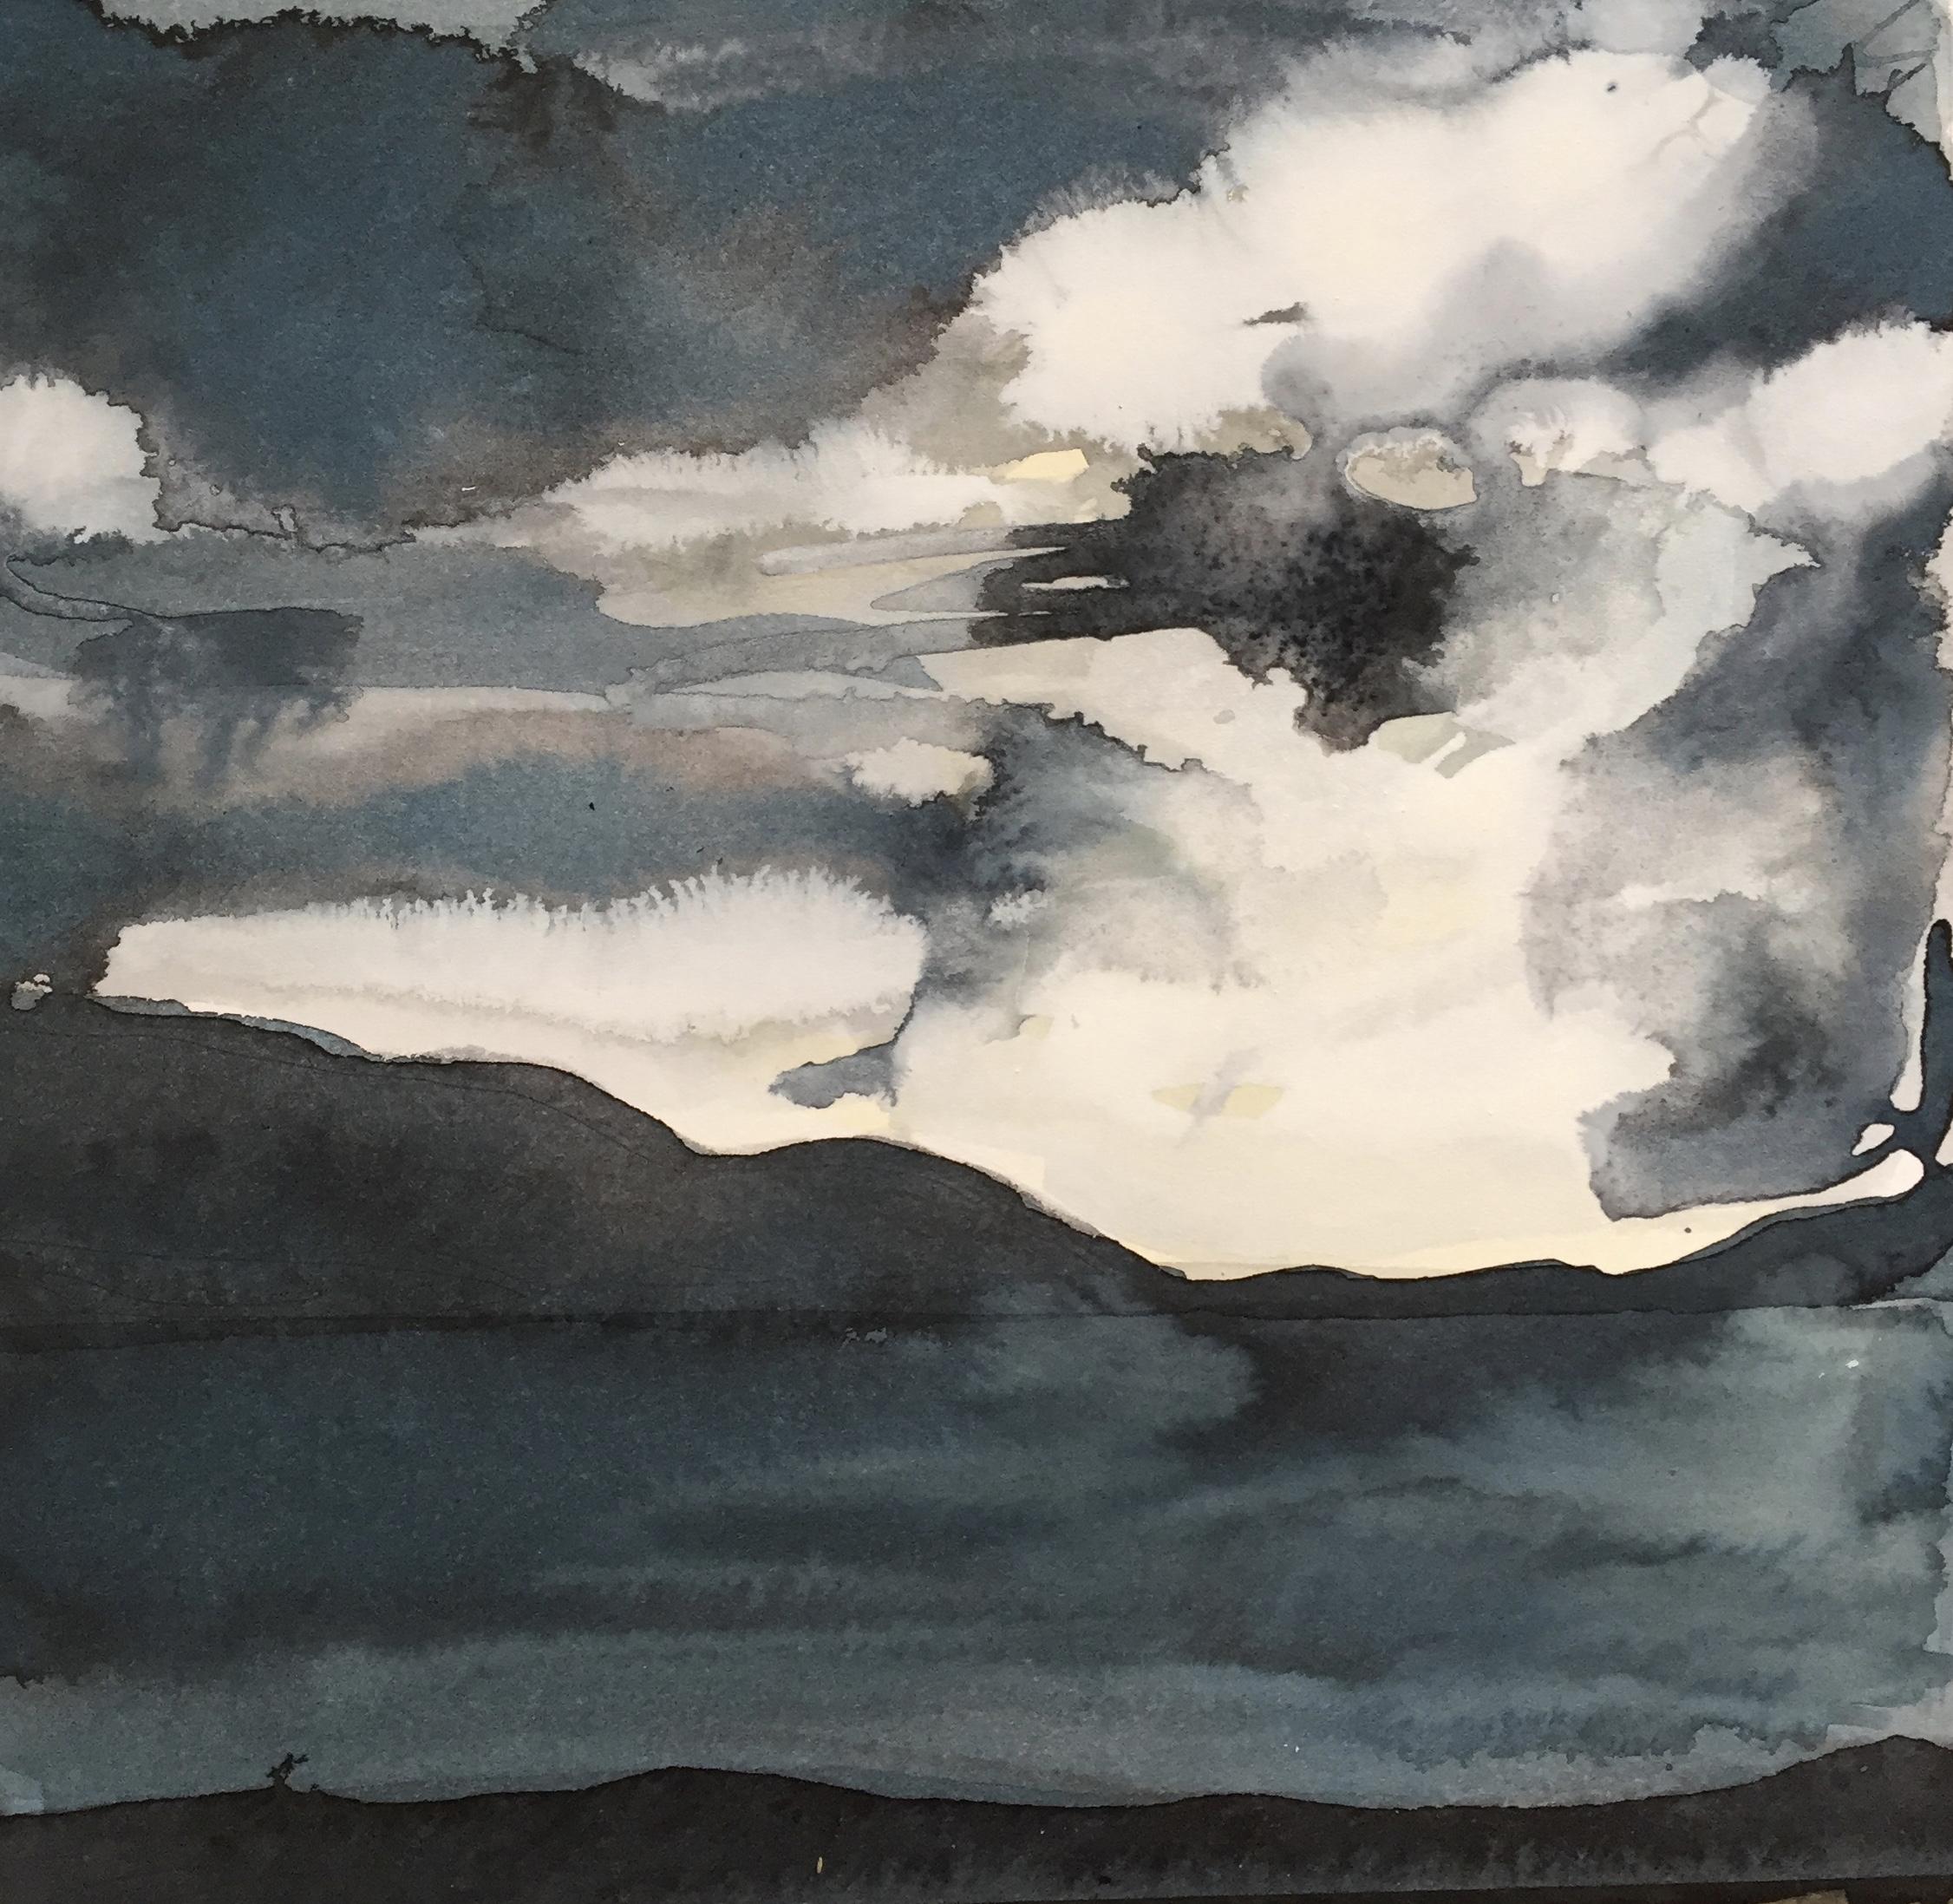 Loch na Keal 03 Winter Light